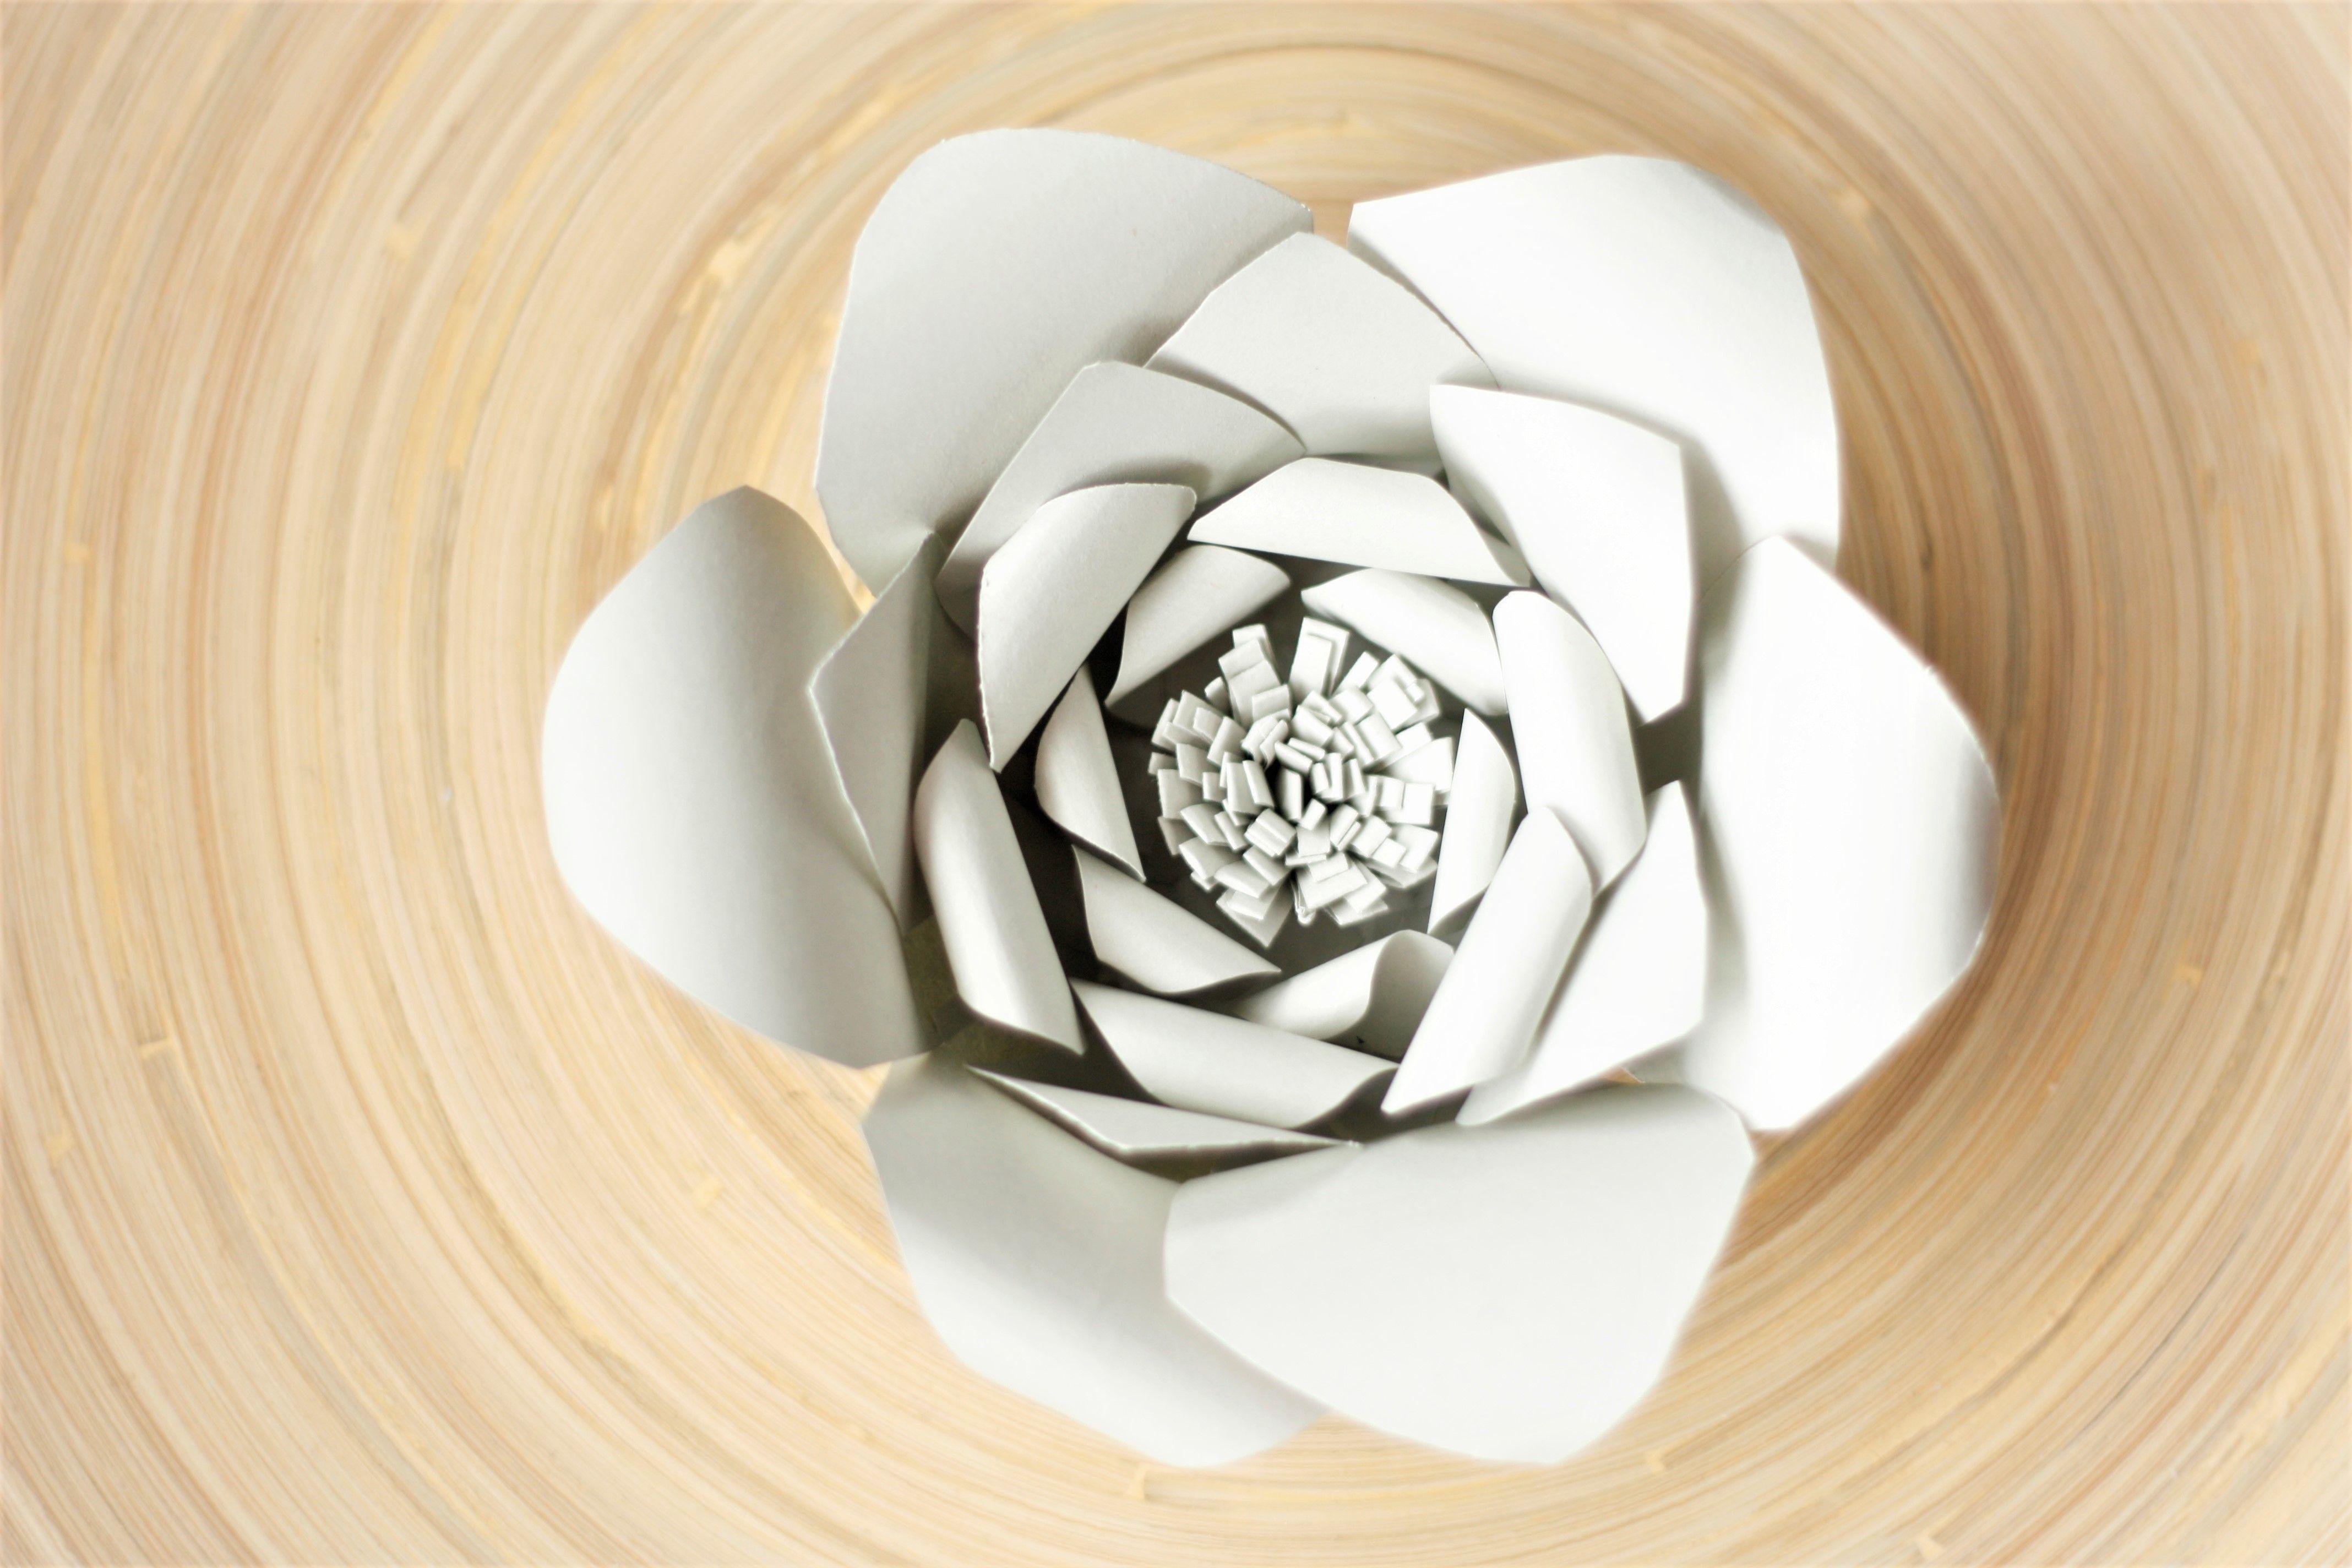 Kwiaty Papierowe Dekoracje Weselne Rozne Kolory 6785682728 Oficjalne Archiwum Allegro Handmade Diy